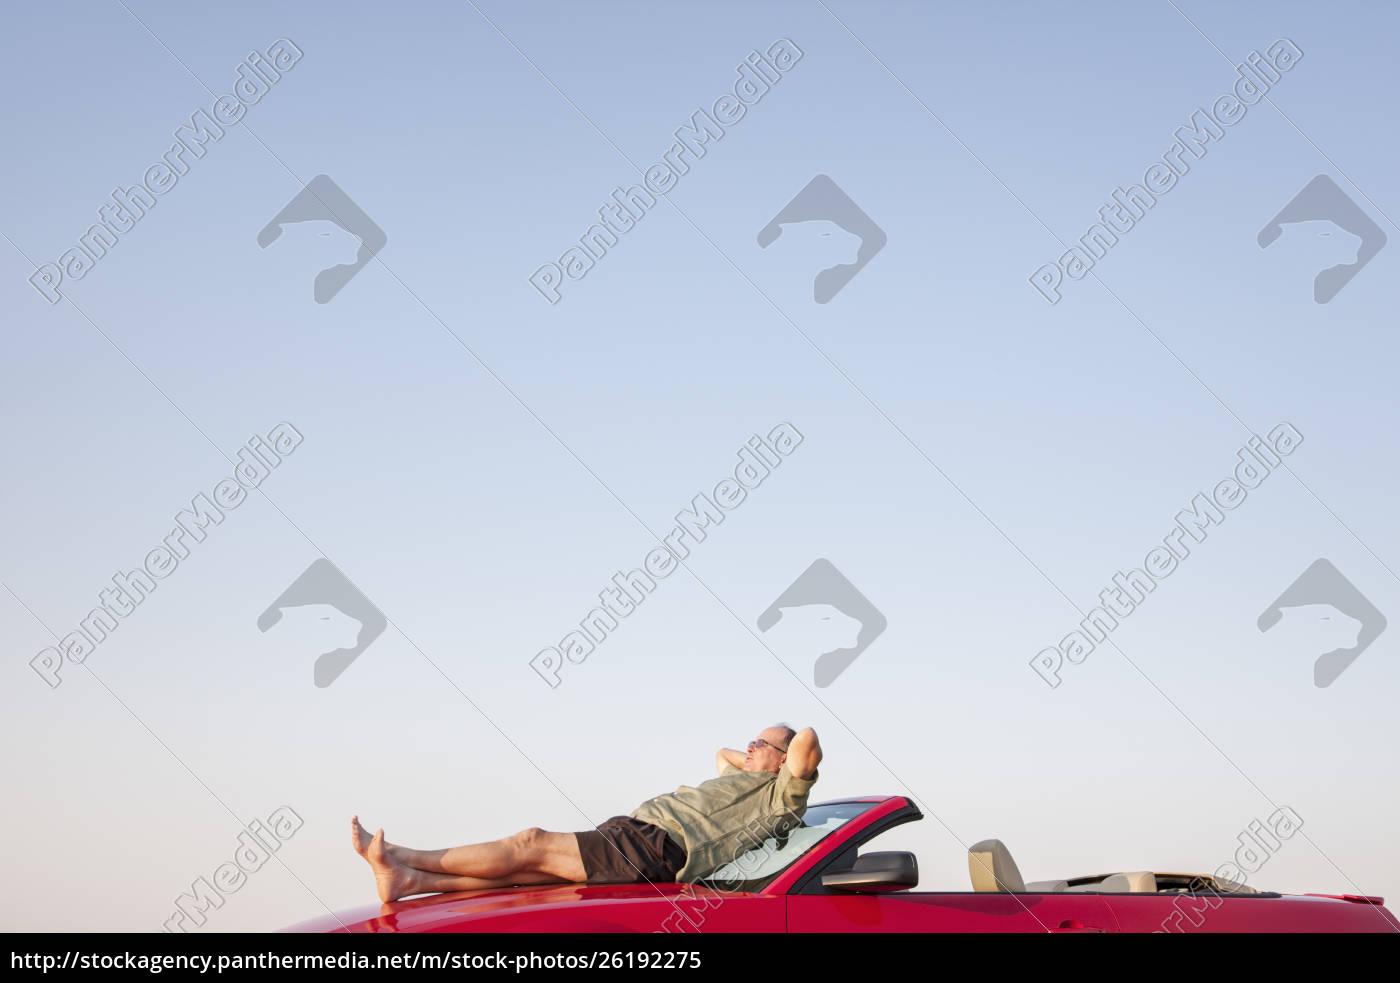 kaukasische, männliche, entspannend, auf, der, motorhaube - 26192275